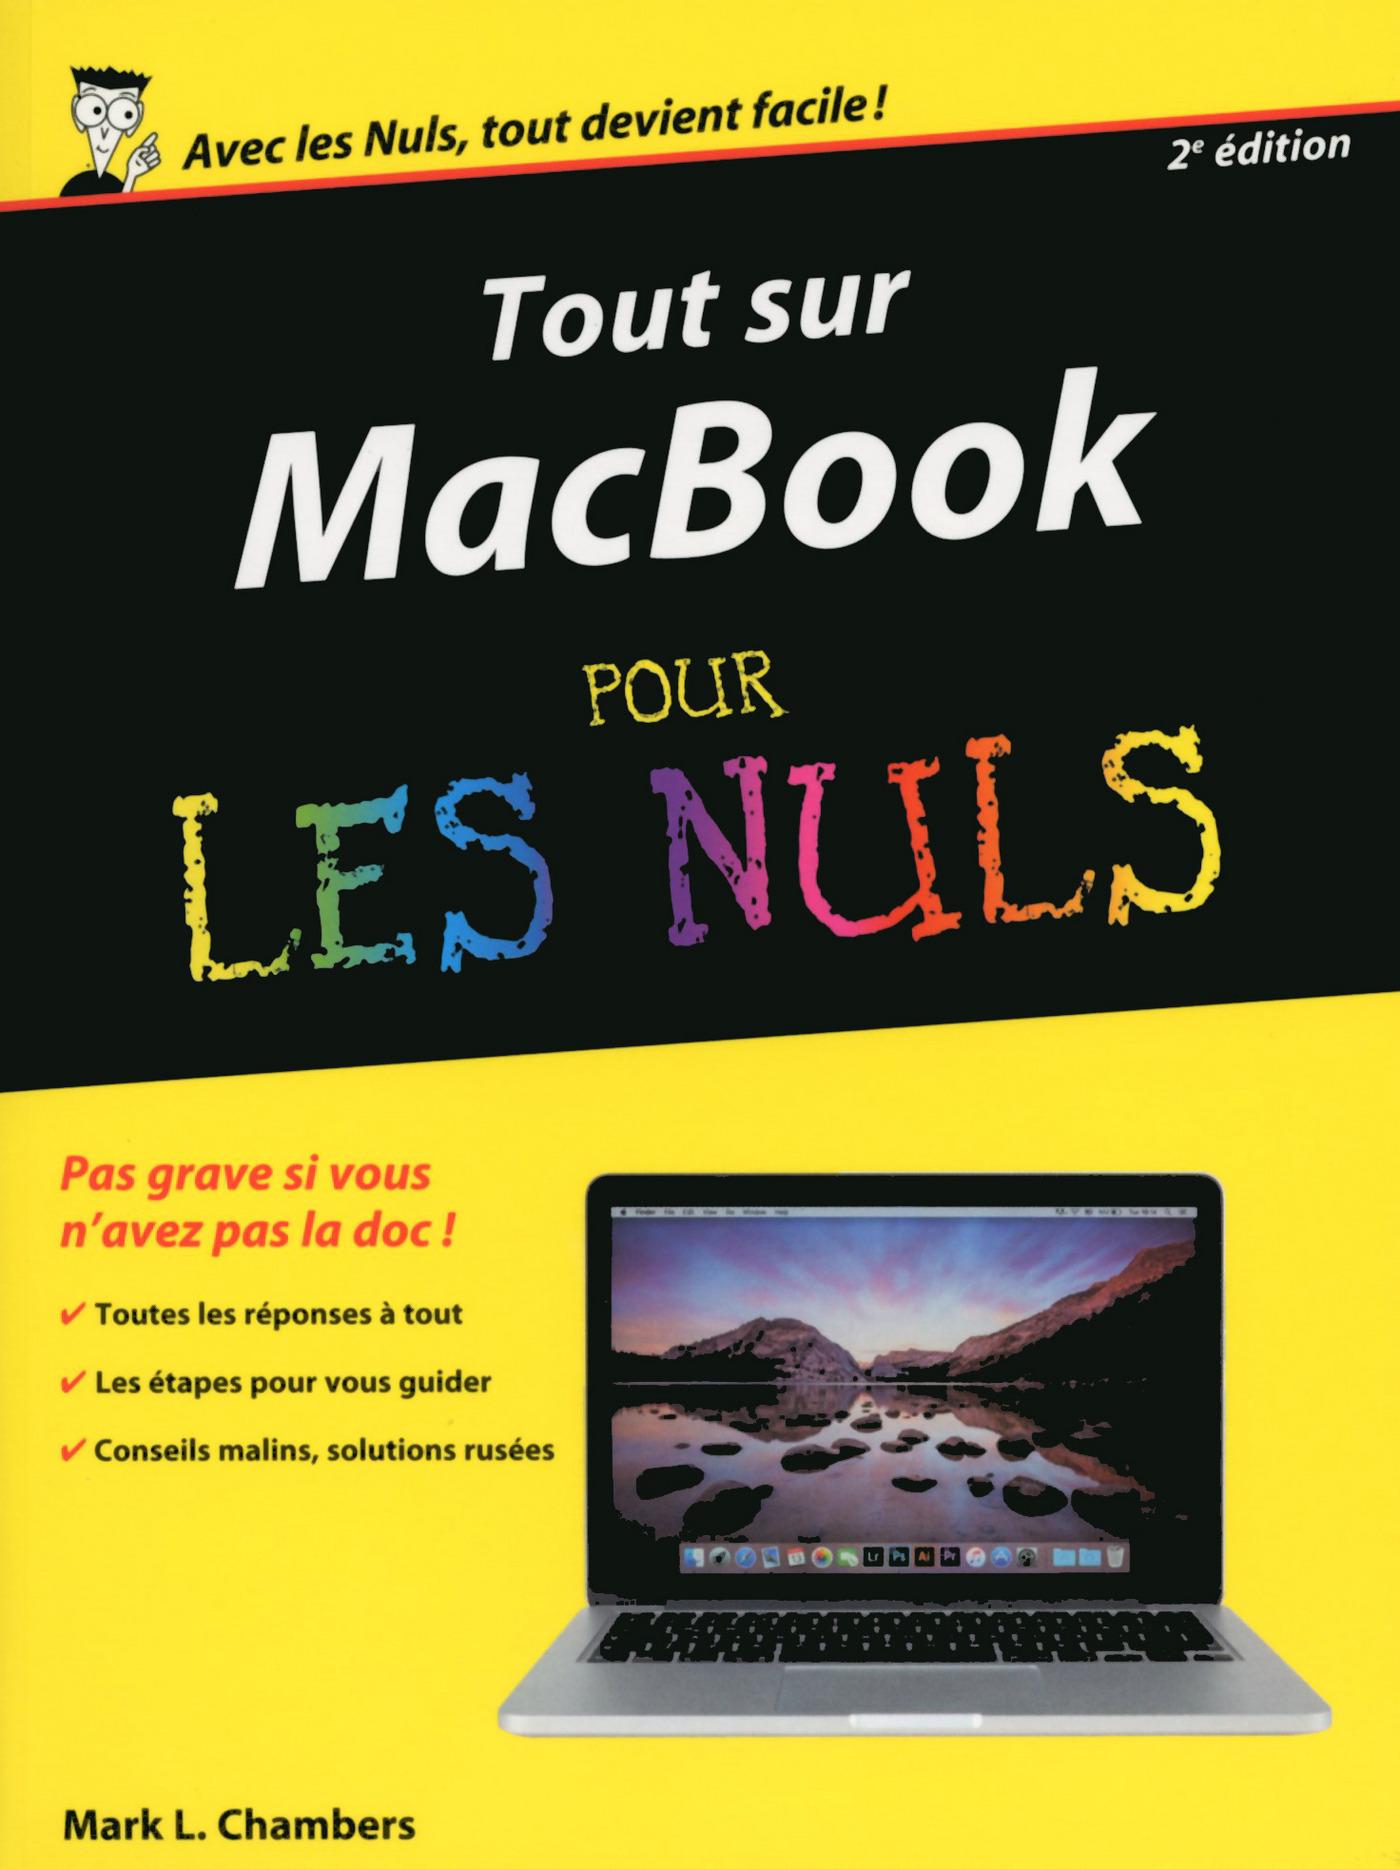 Tout sur MacBook, Pro Air retina pour les Nuls, 2e édition (ebook)